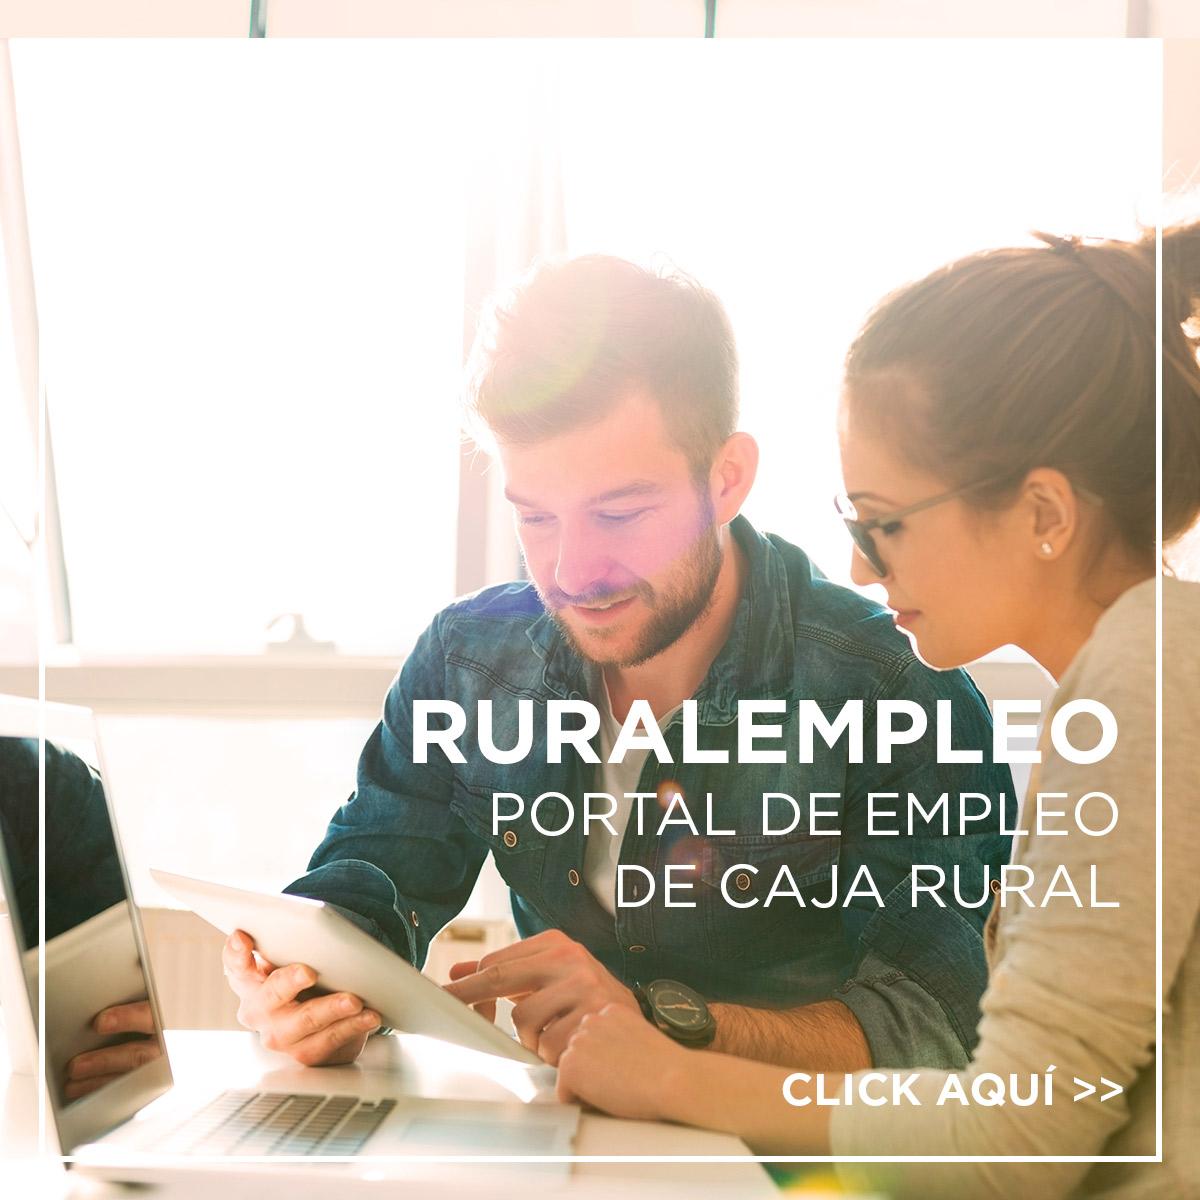 Ruralempleo - Portal de empleo de Caja Rural